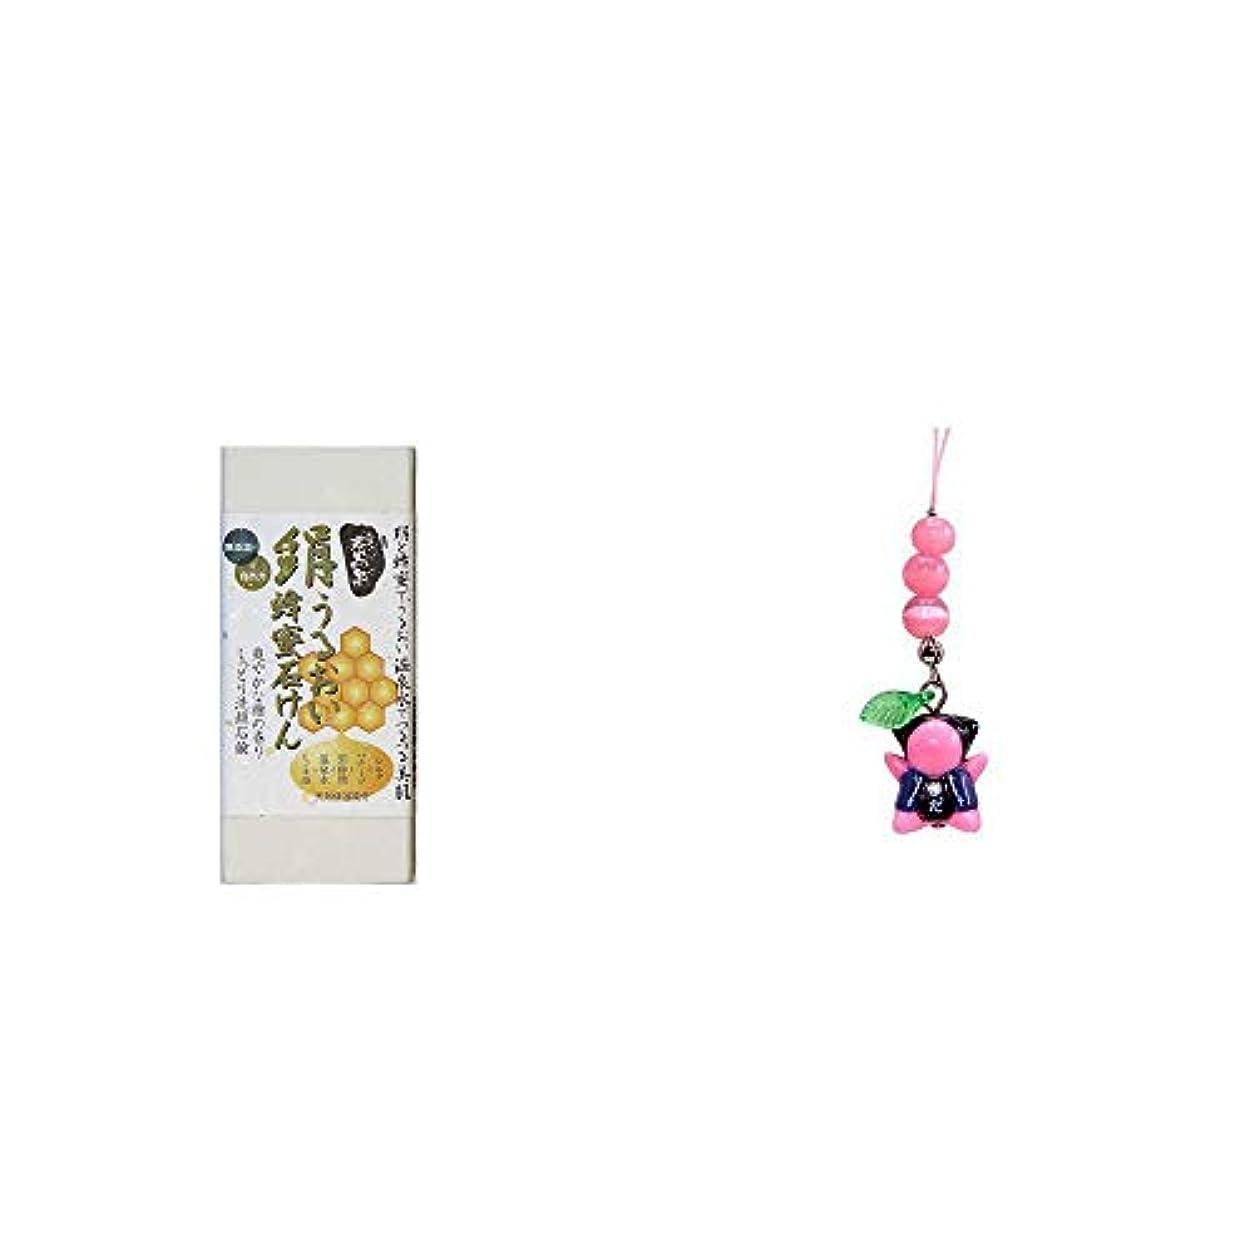 レッスンボール定期的な[2点セット] ひのき炭黒泉 絹うるおい蜂蜜石けん(75g×2)?さるぼぼ癒しキャッツアイ【ピンク】/ ストラップ 恋愛運?素敵な出会い?幸せな結婚?豊かな人間関係 //